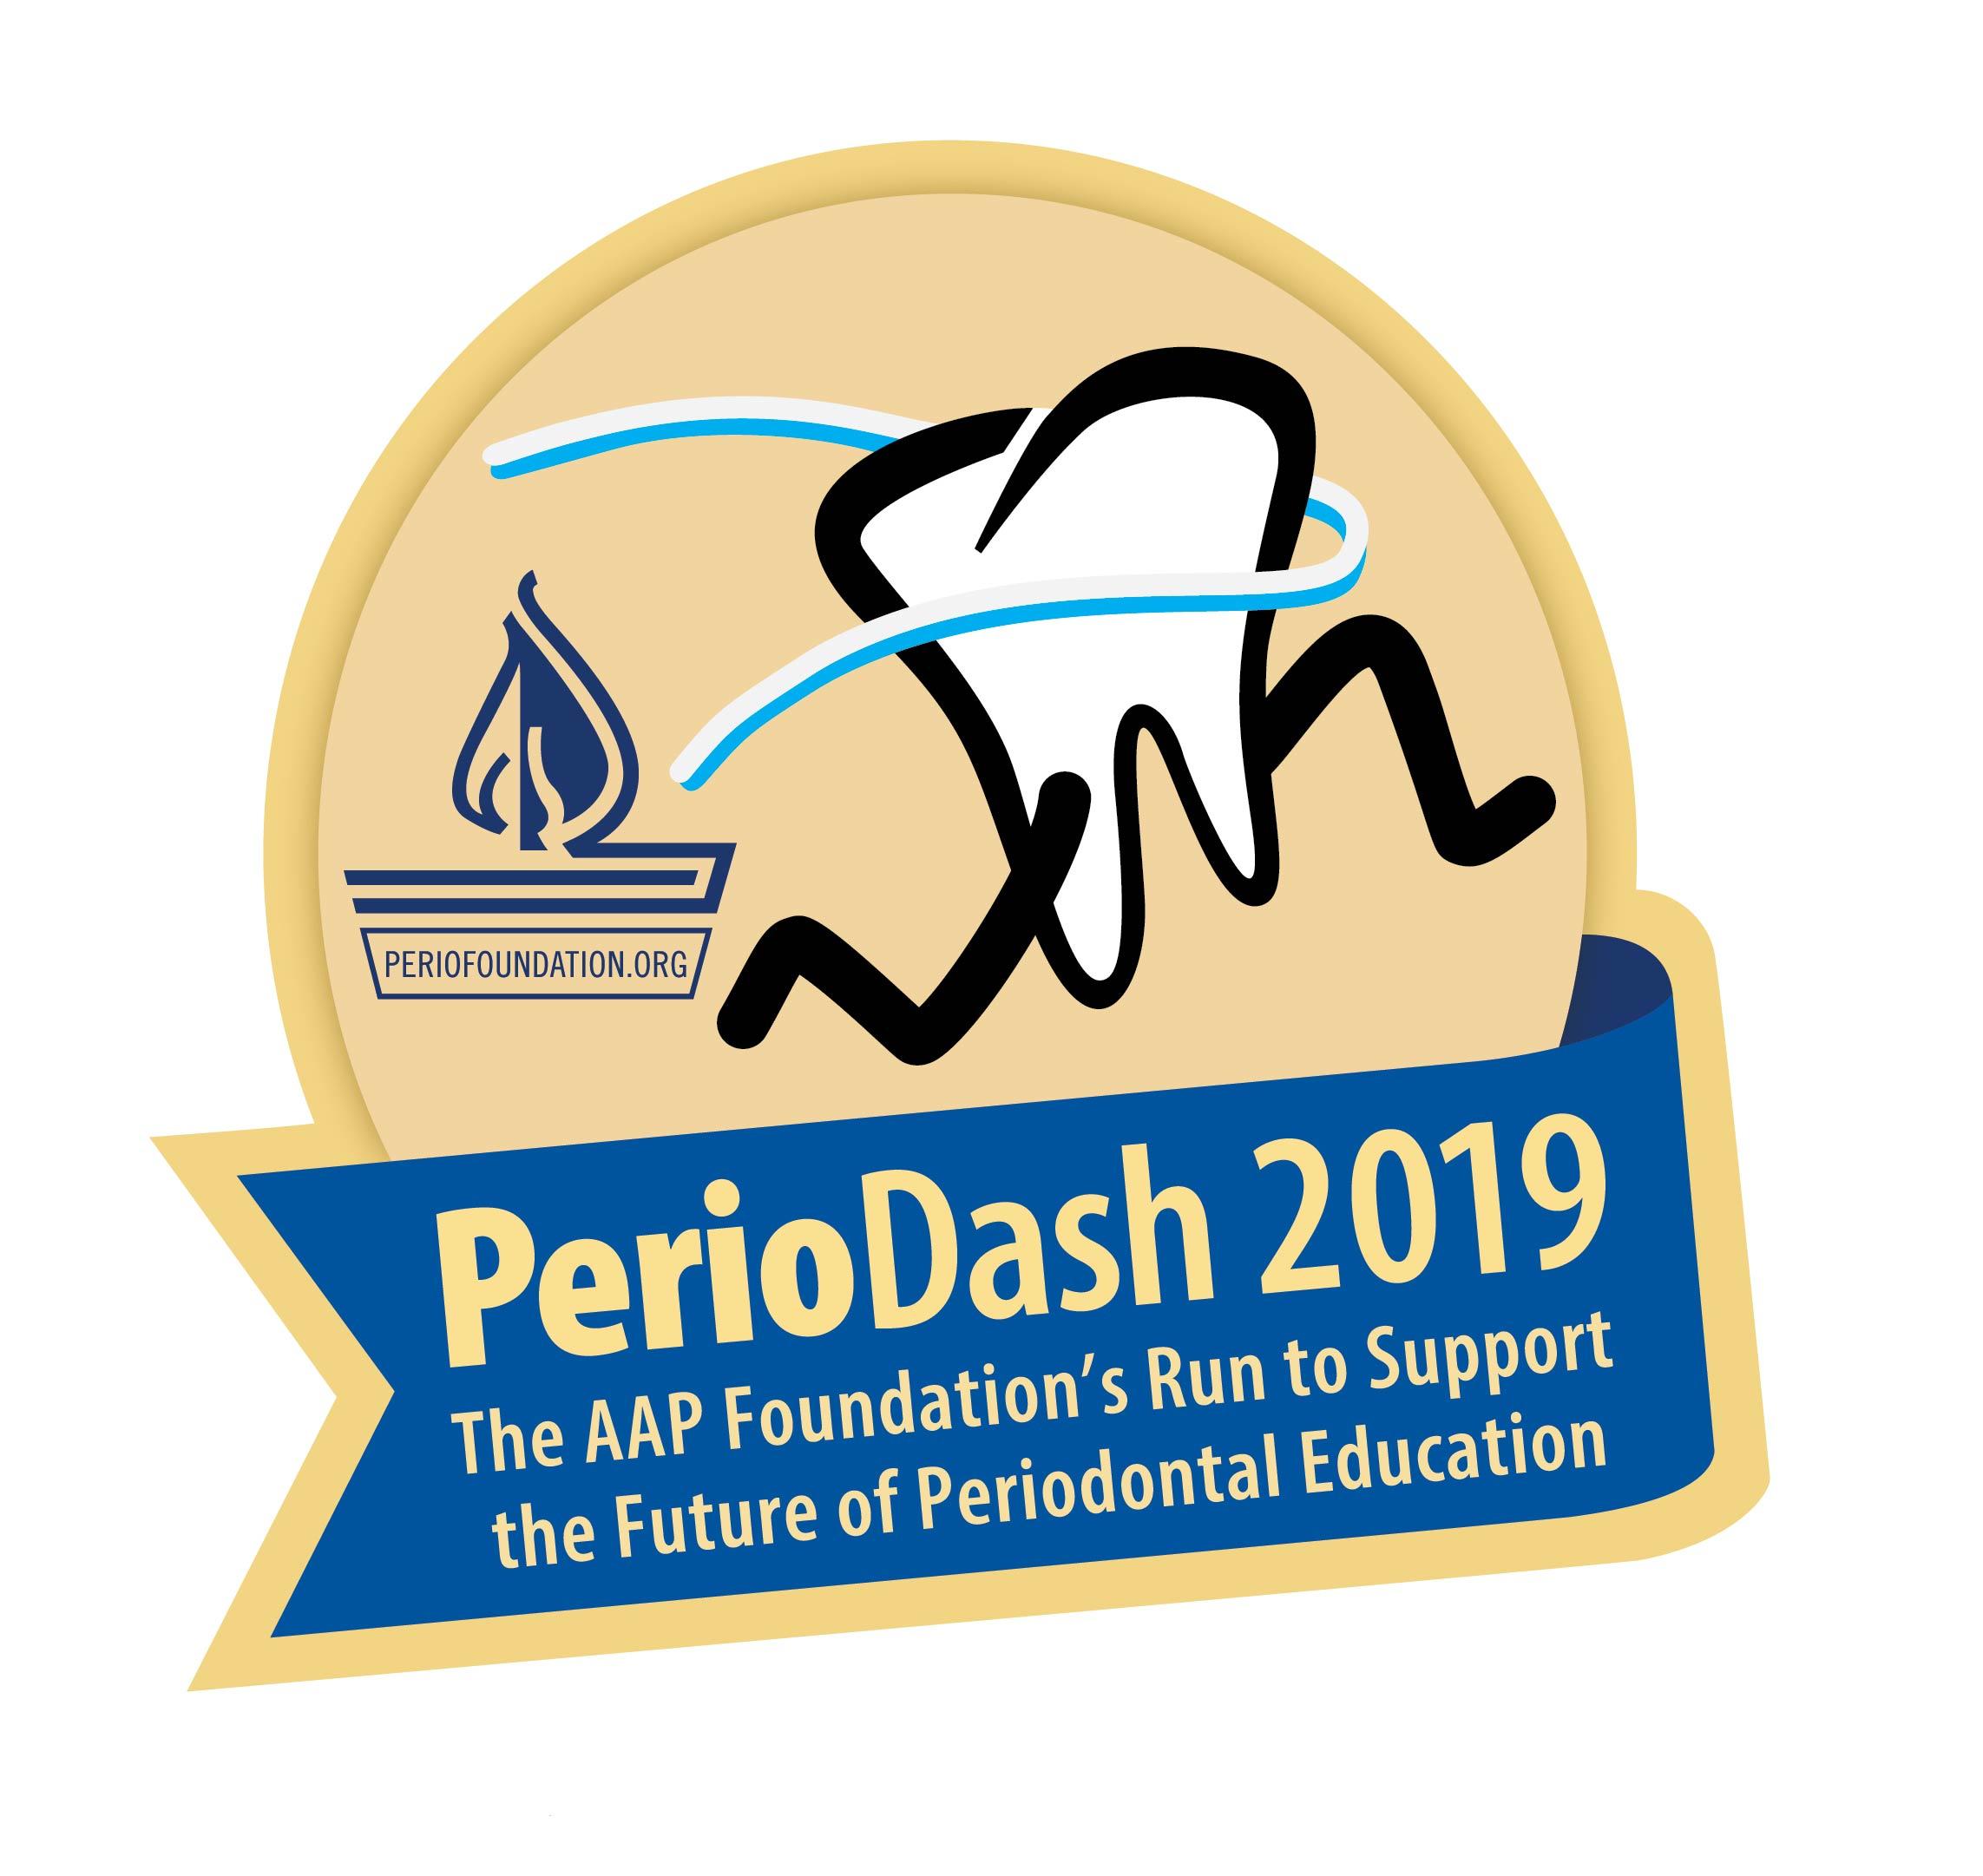 Periodash 2019 medal art